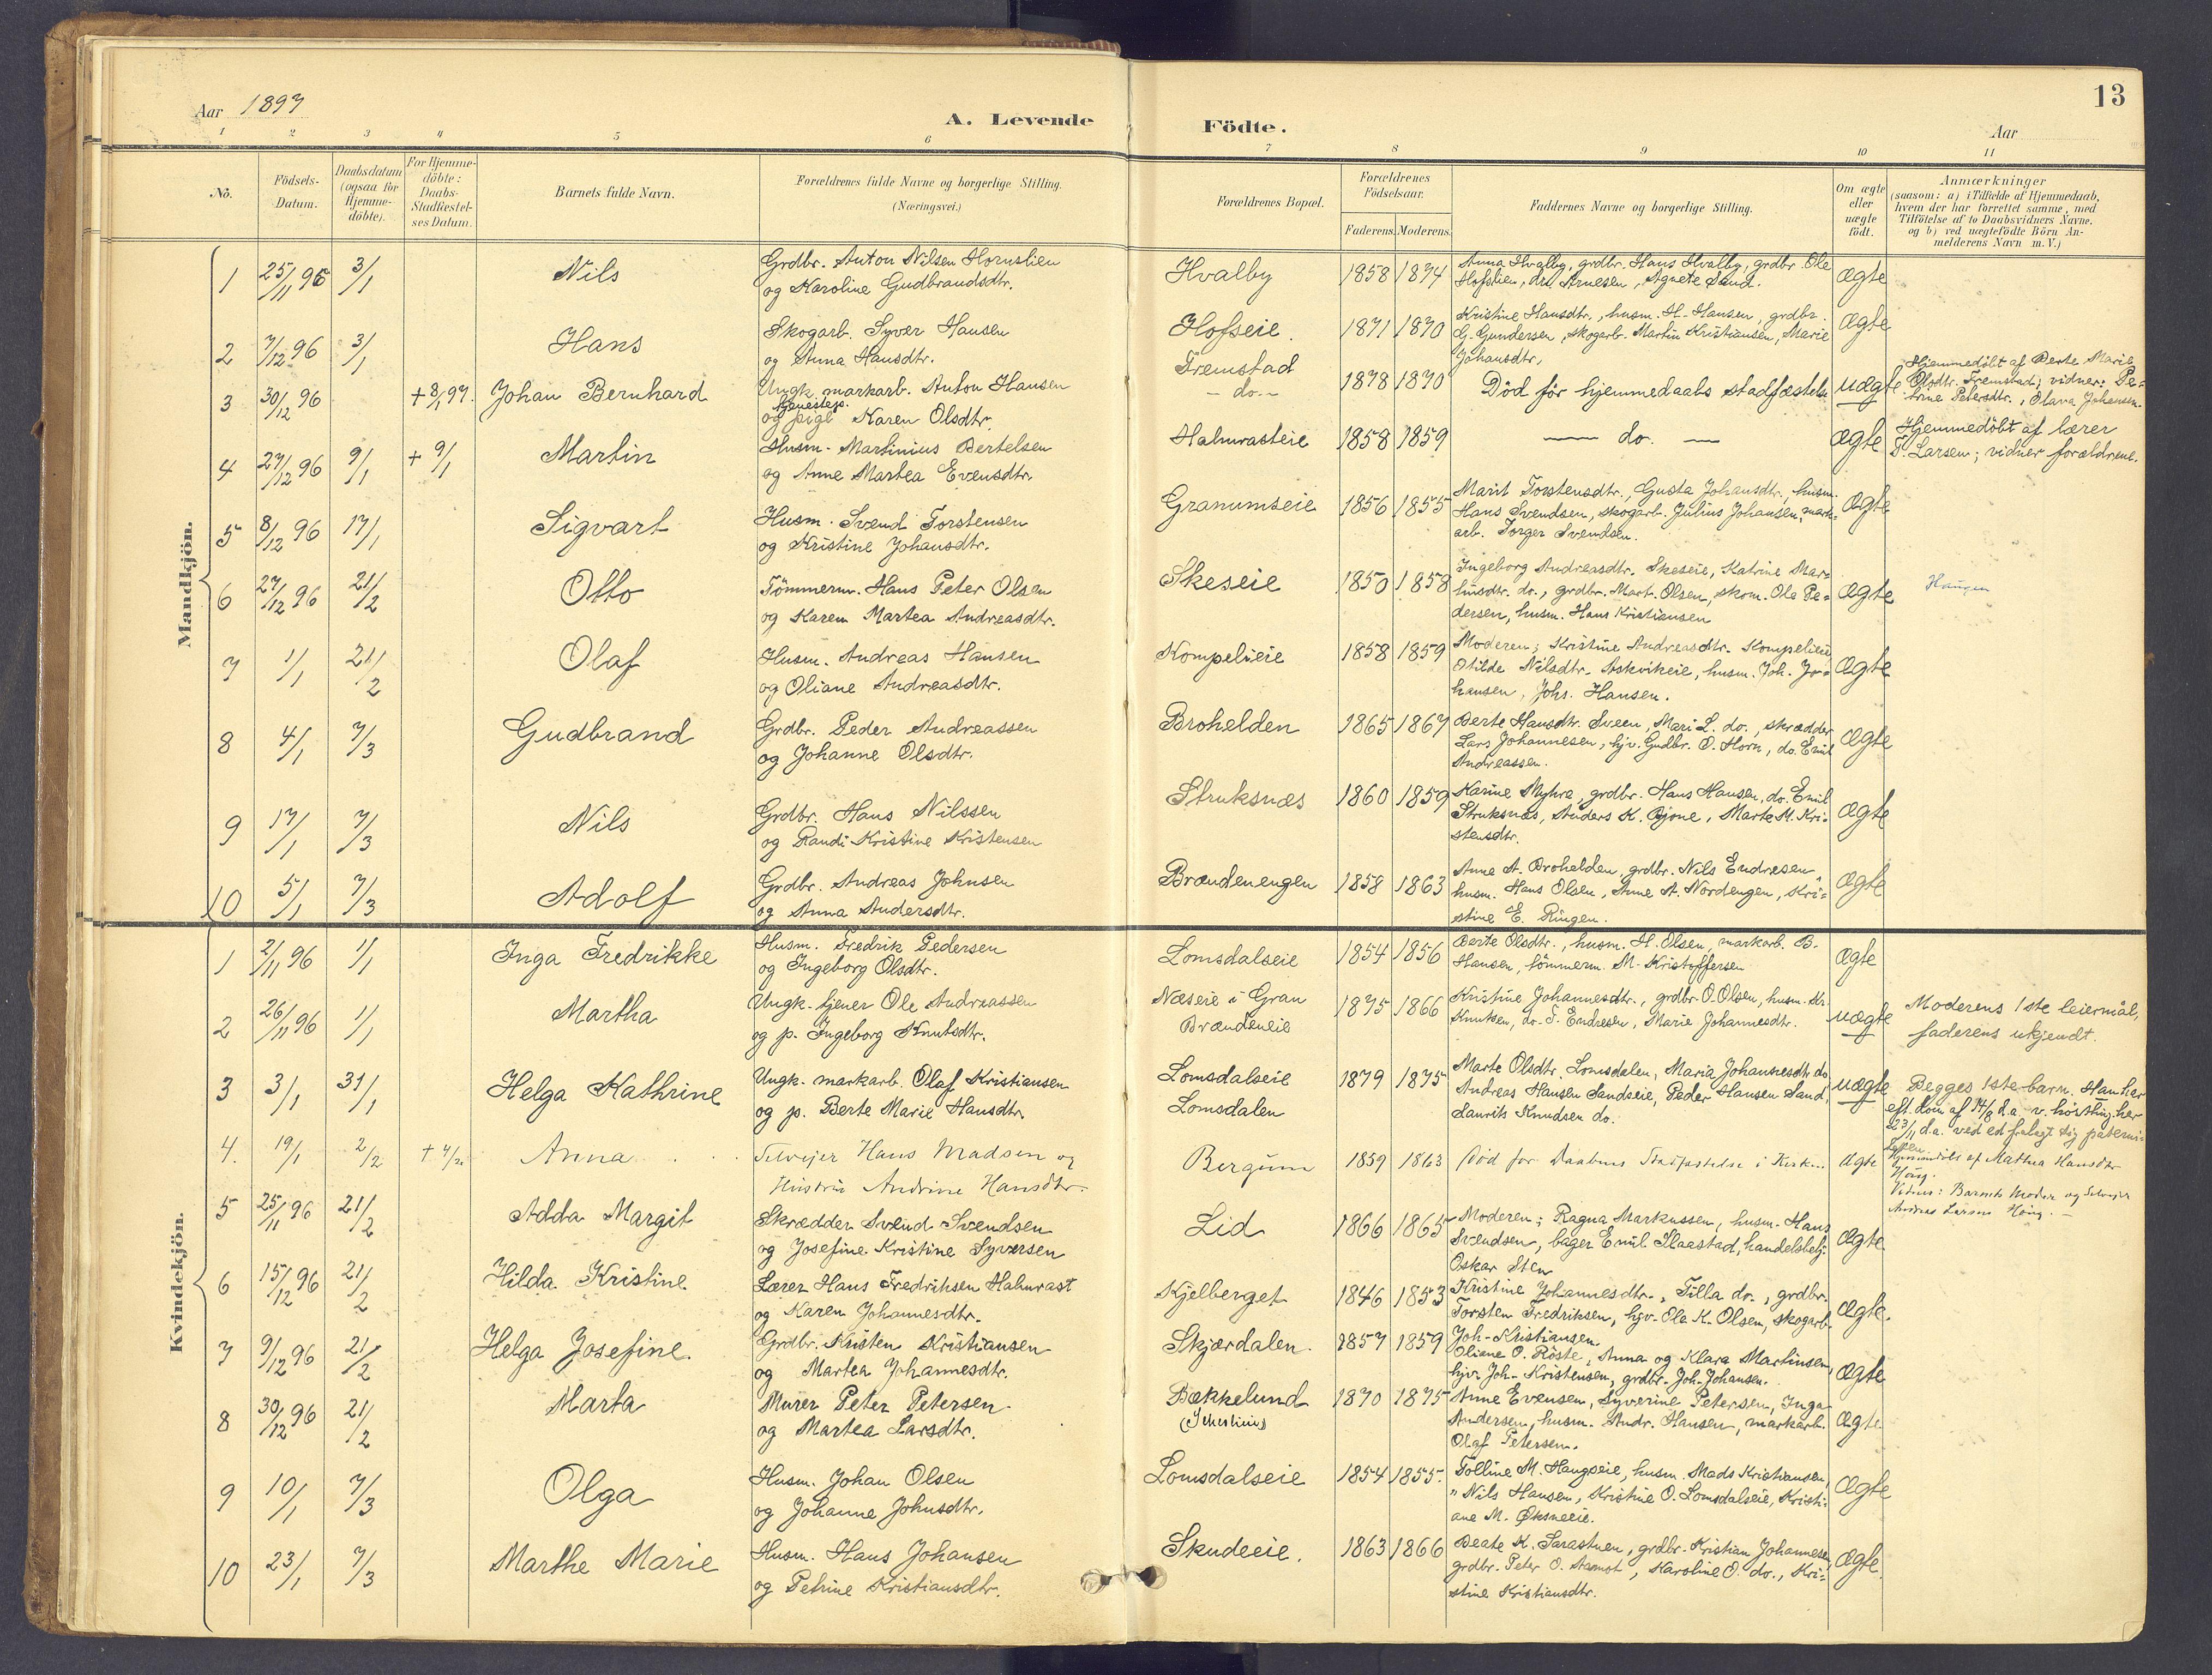 SAH, Søndre Land prestekontor, K/L0006: Parish register (official) no. 6, 1895-1904, p. 13